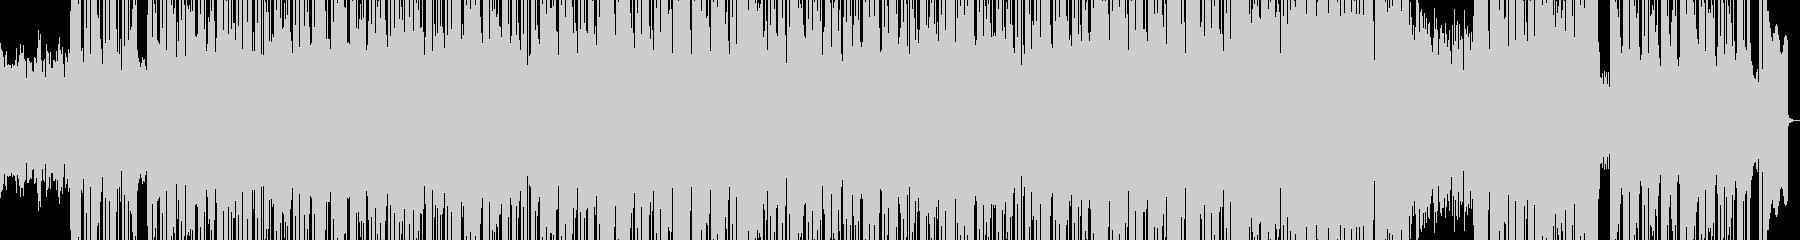 和風な雰囲気のR&Bポップバラードの未再生の波形